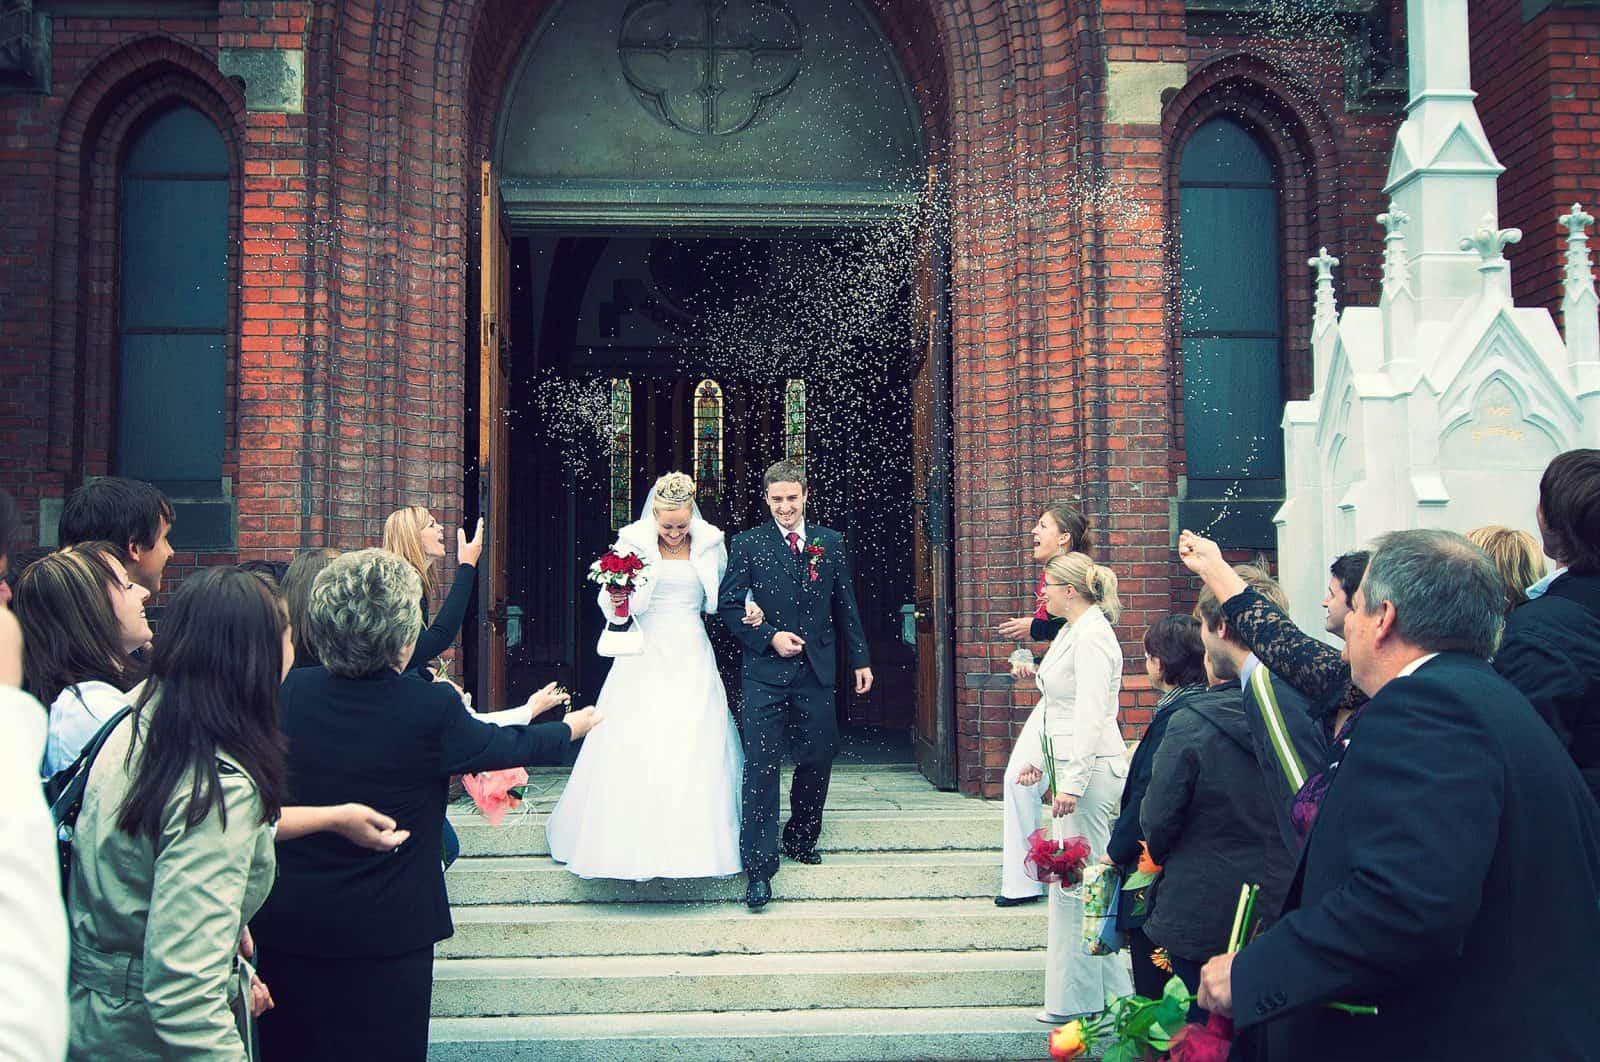 Braut und Bräutigam an der Kirchentür mit Reiskonfetti geworfen-1